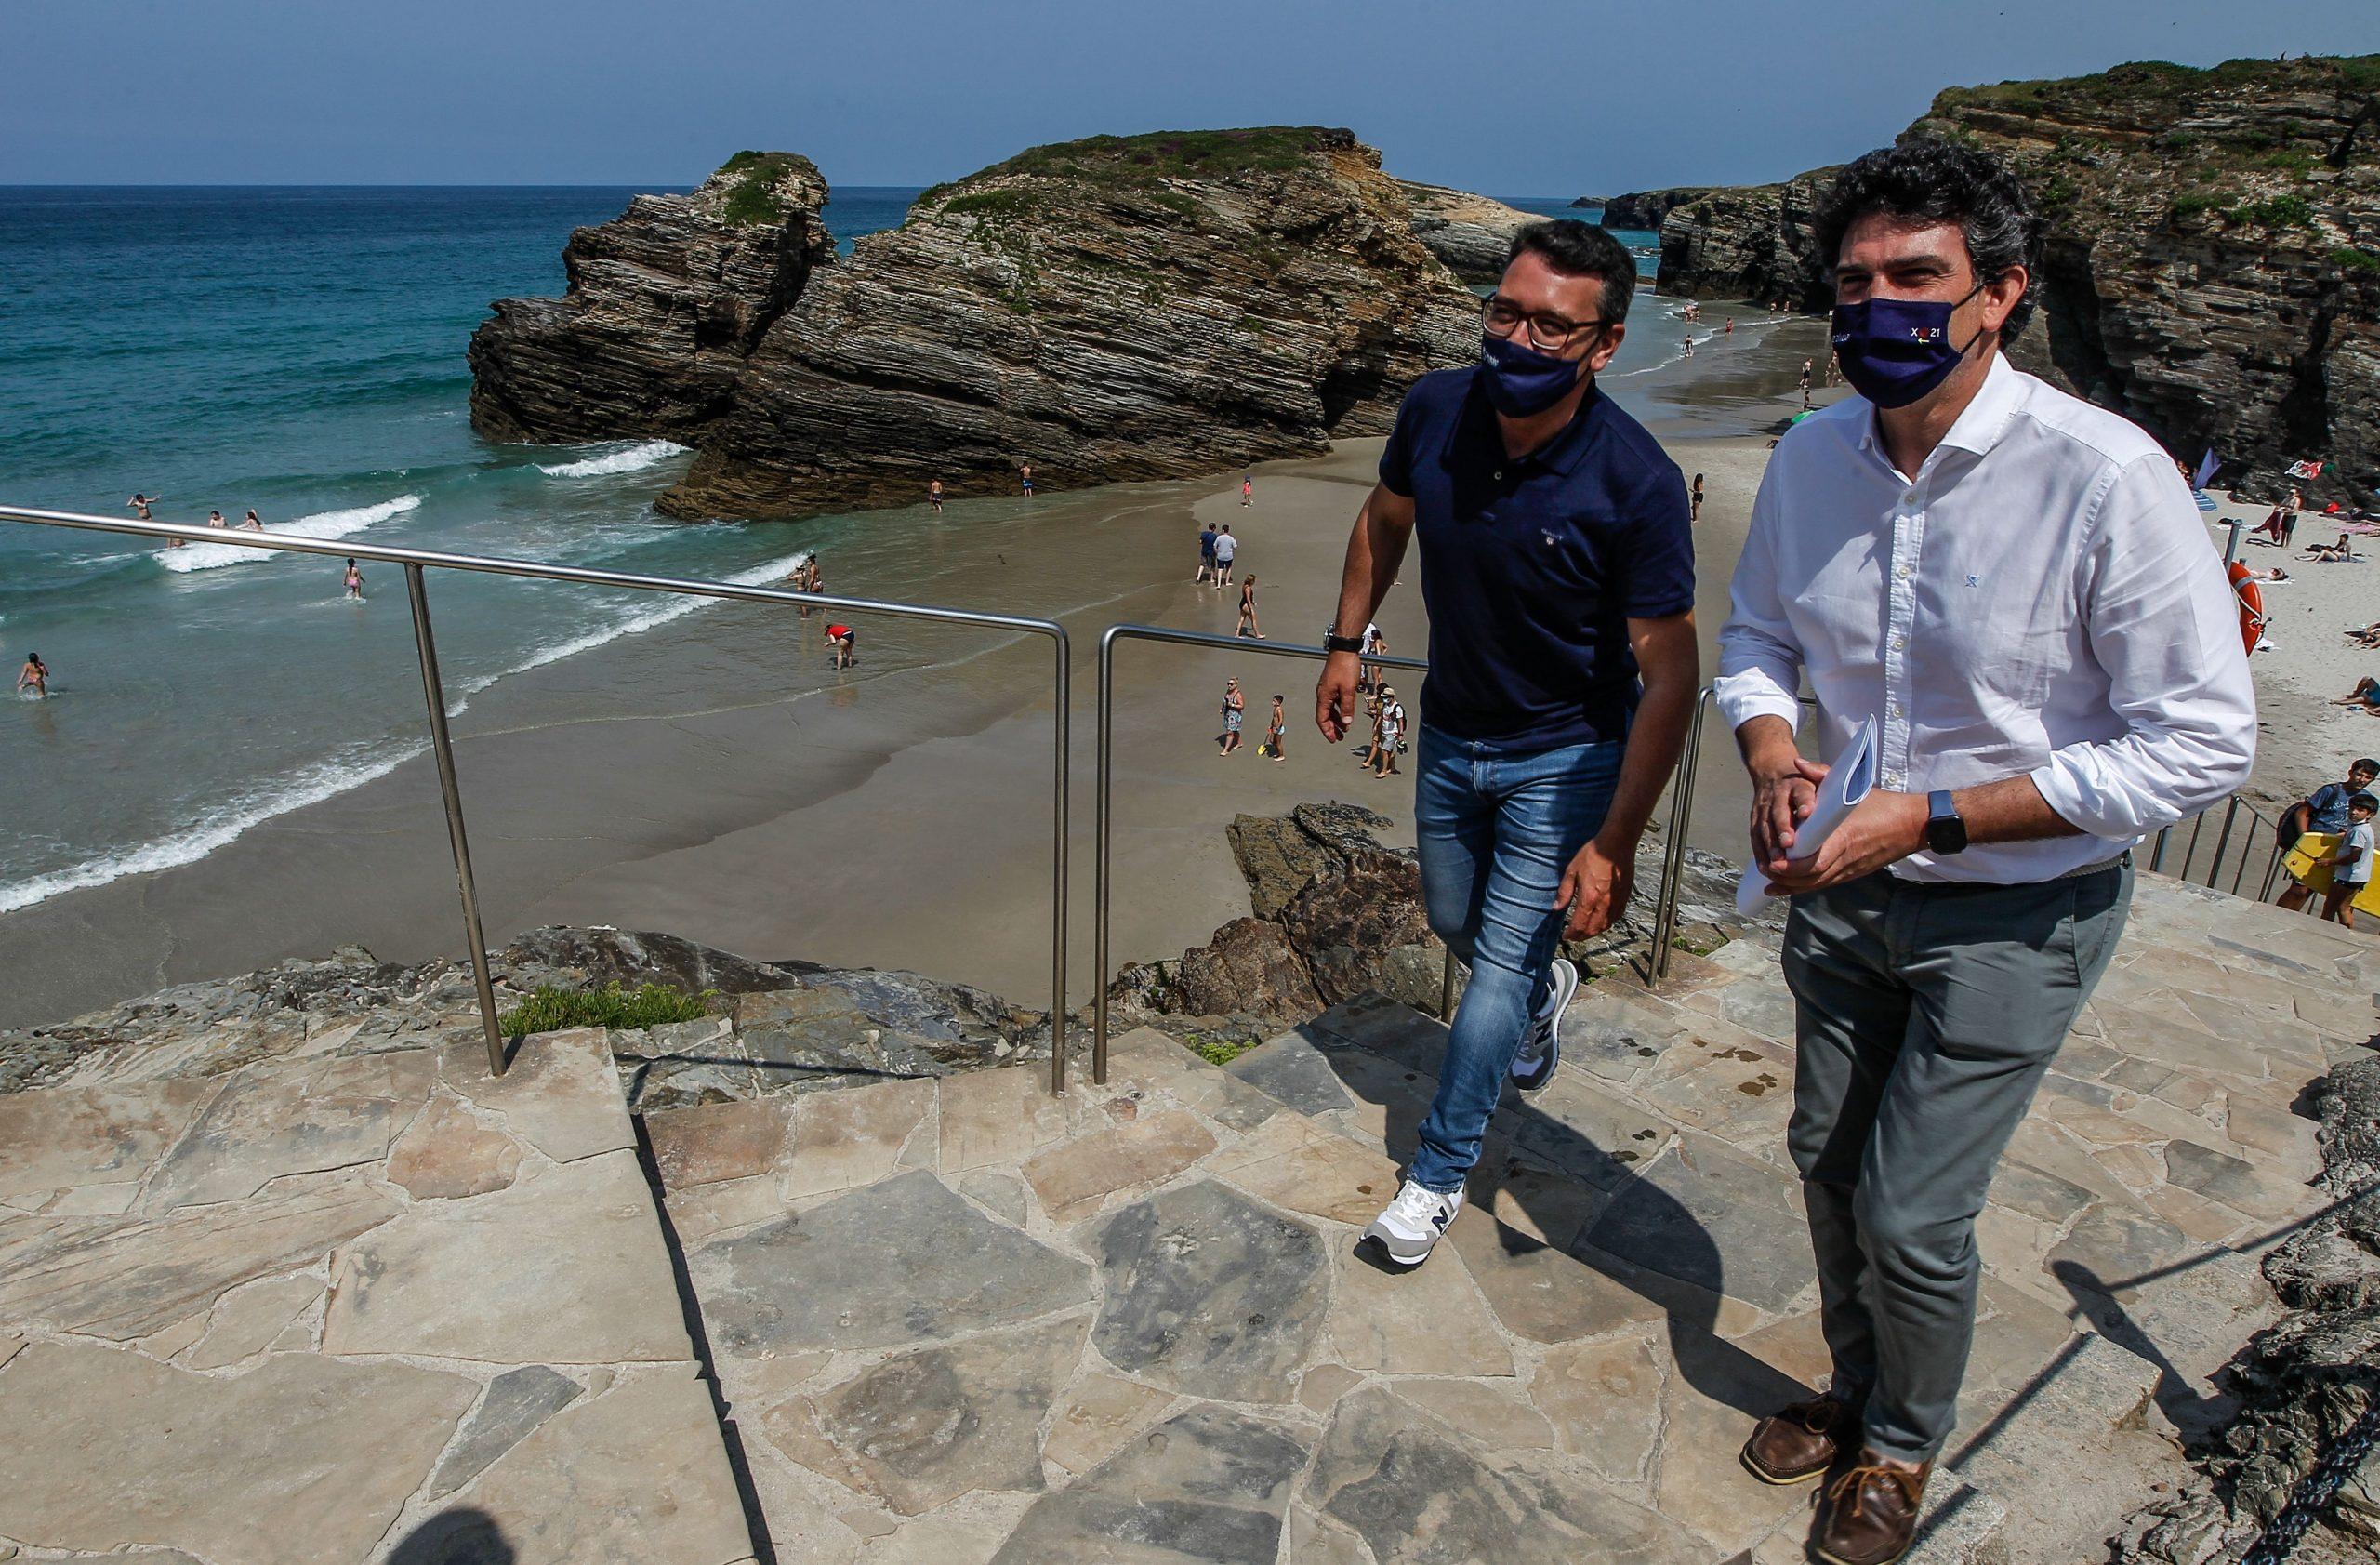 A Xunta destina 215.400€ ao contrato de atención aos visitantes na Praia das Catedrais para os vindeiros dous anos